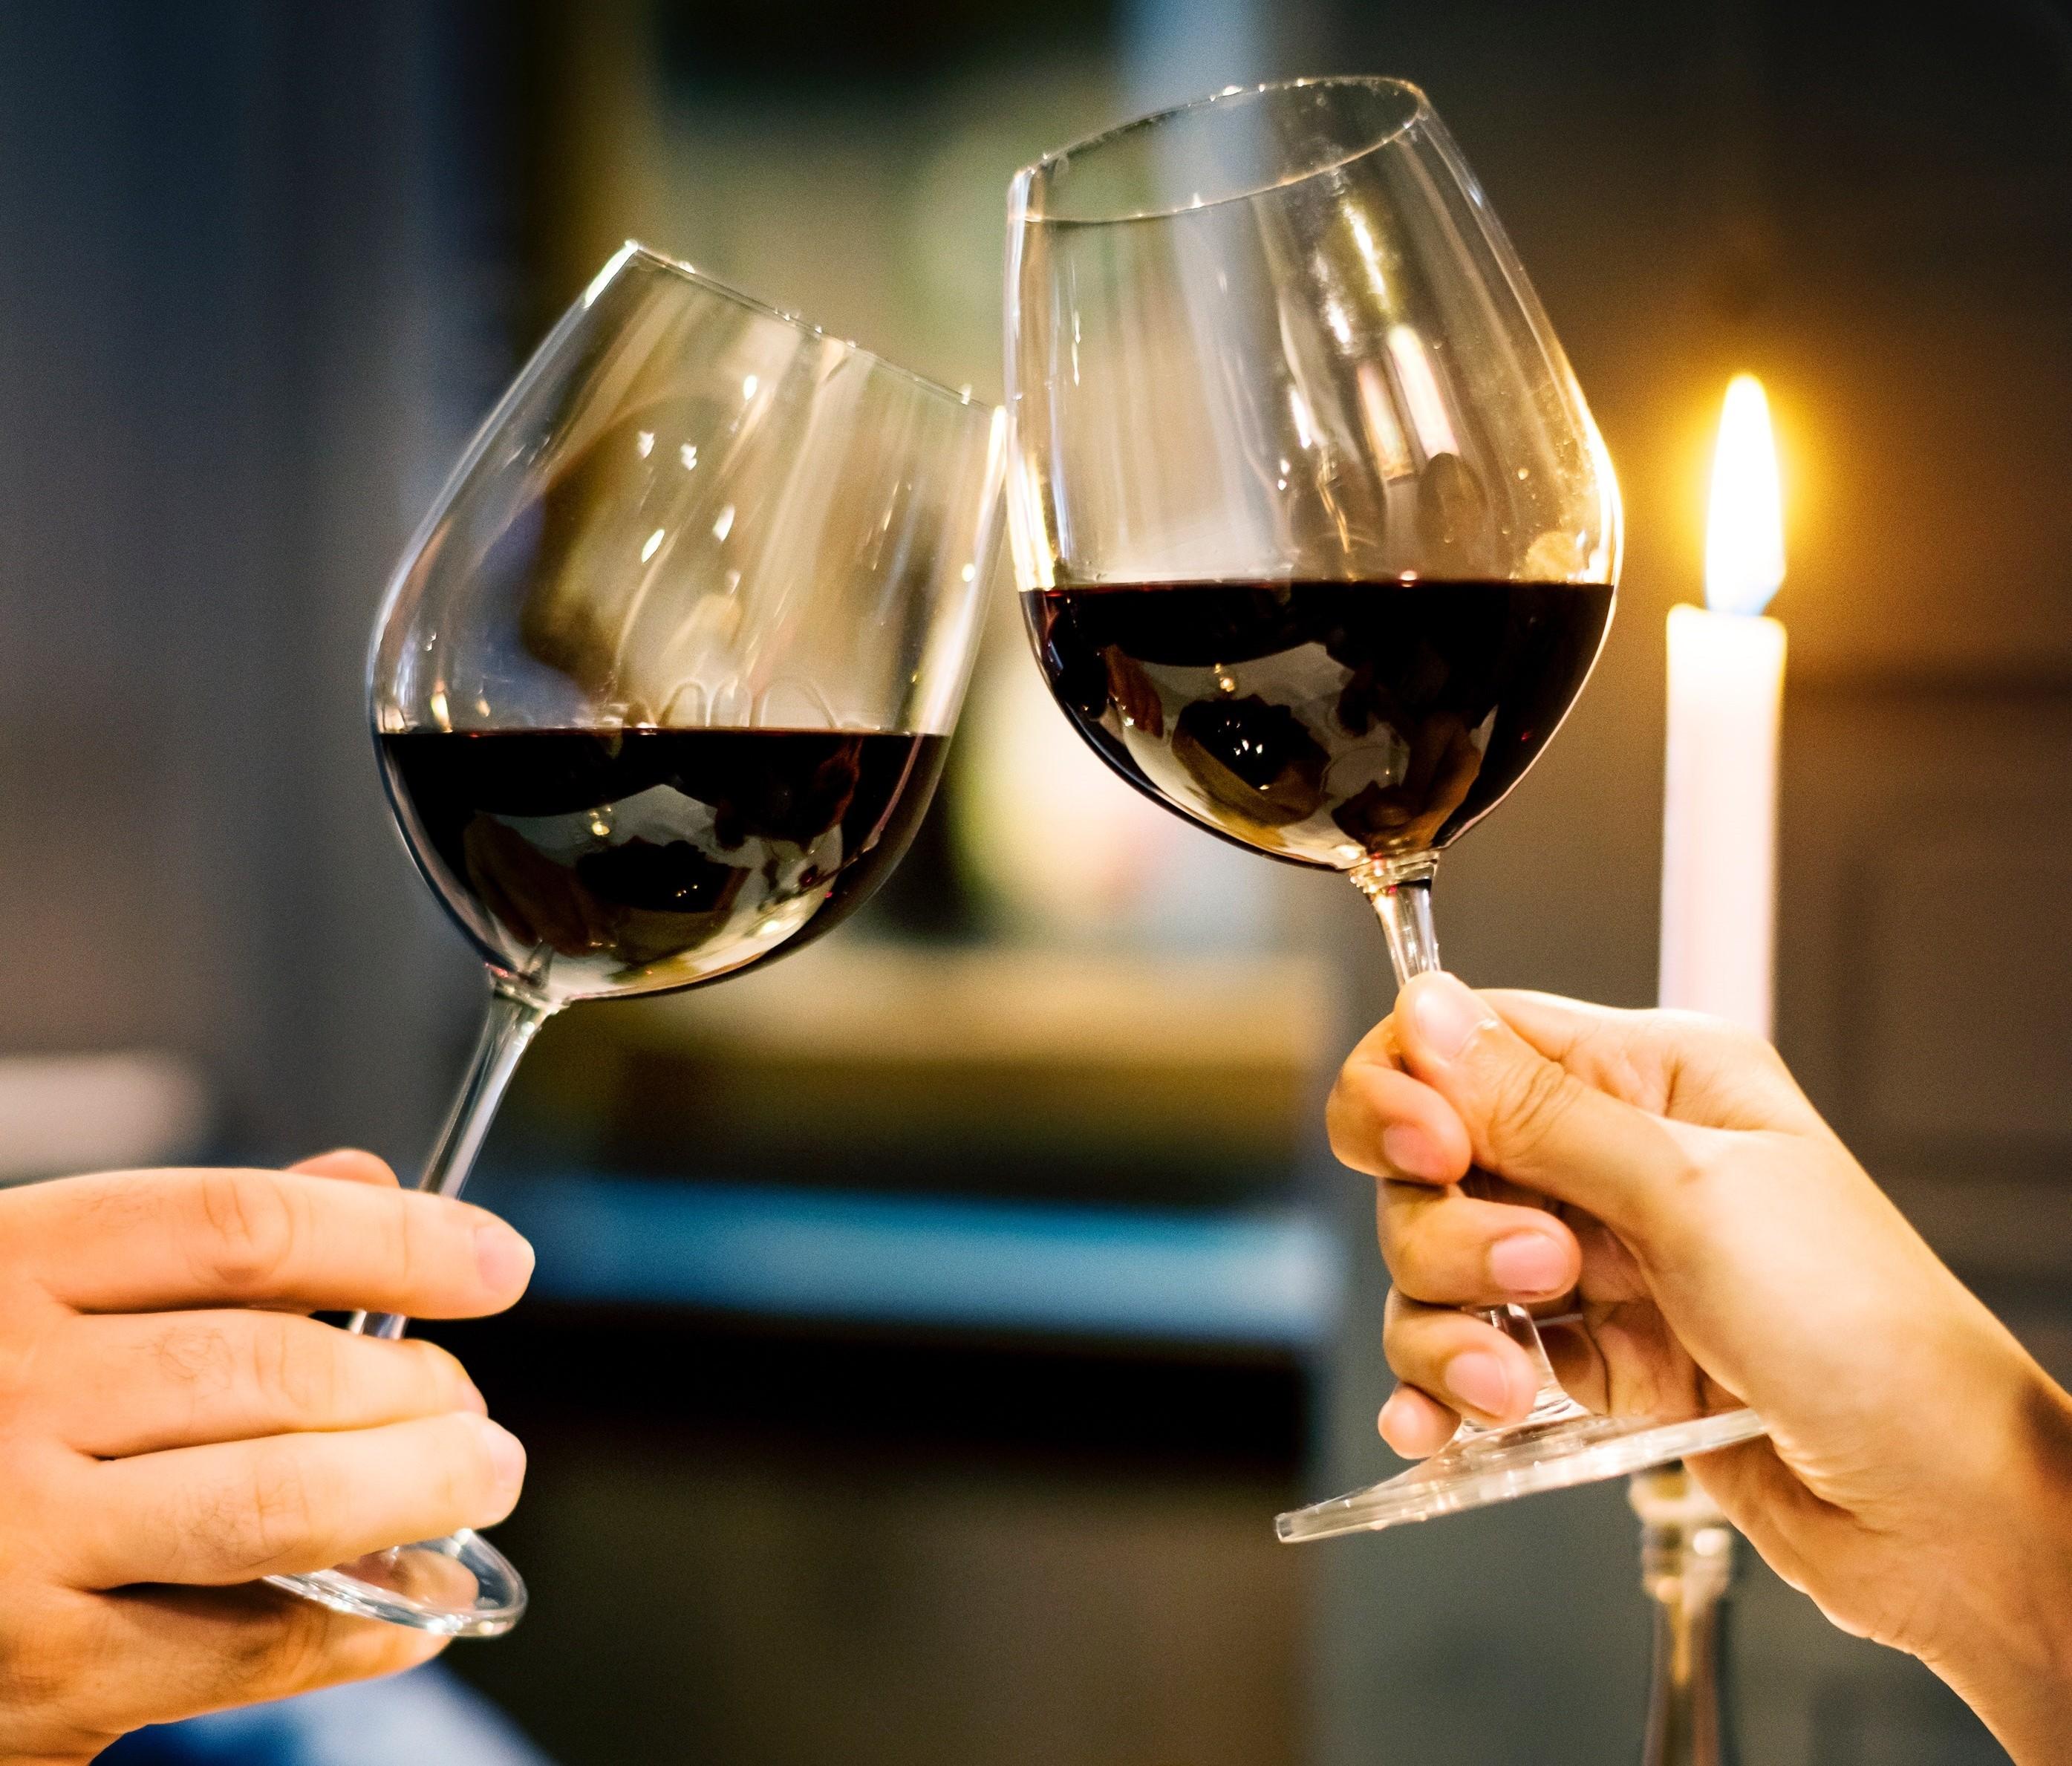 ▲紅酒,乾杯,約會,情侶。(圖/取自免費圖庫Pexels)